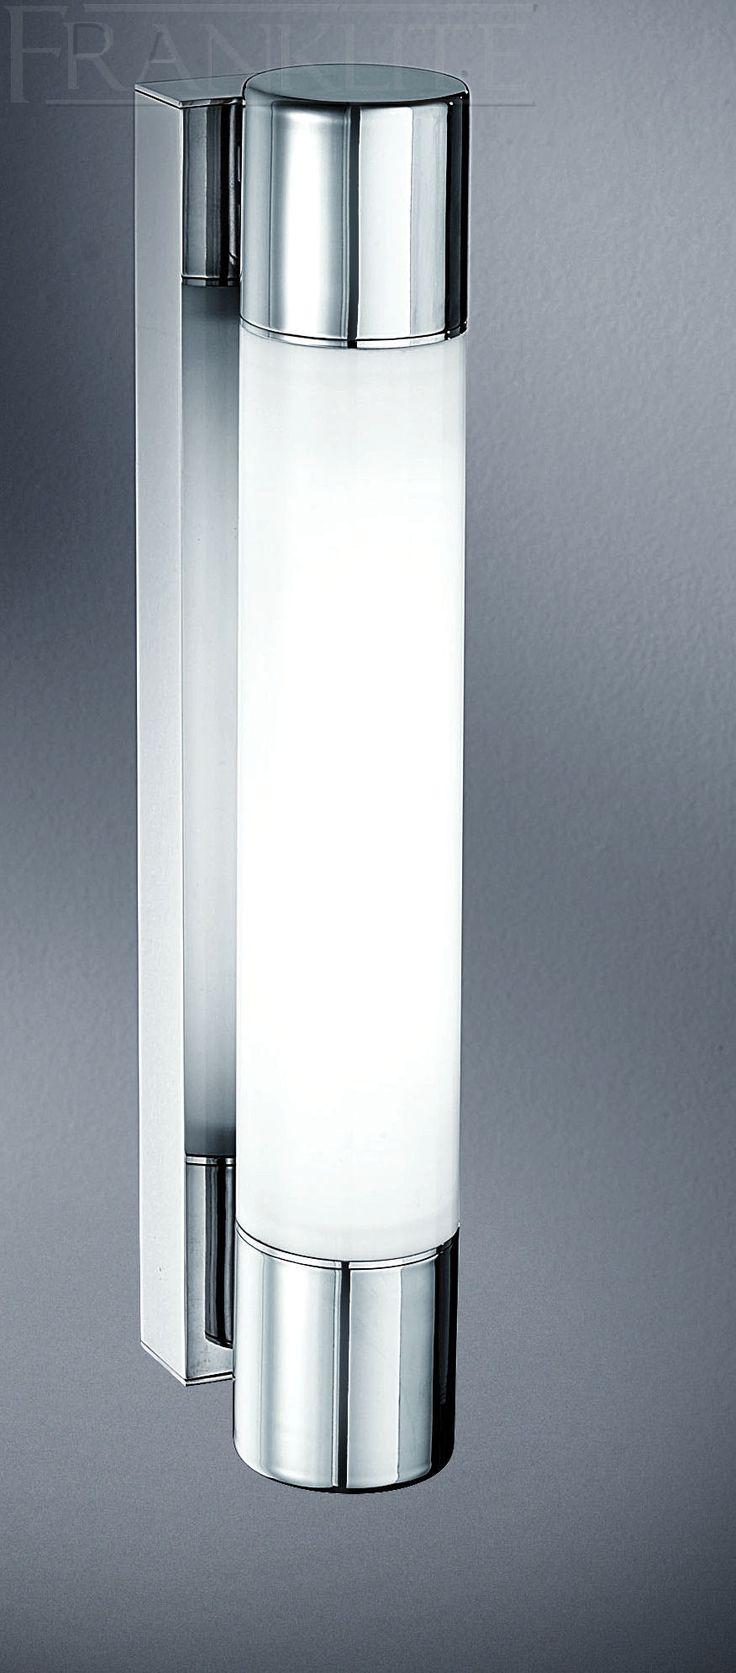 Bathroom Lights Wayfair 19 best bathroom lights images on pinterest | bathroom lighting